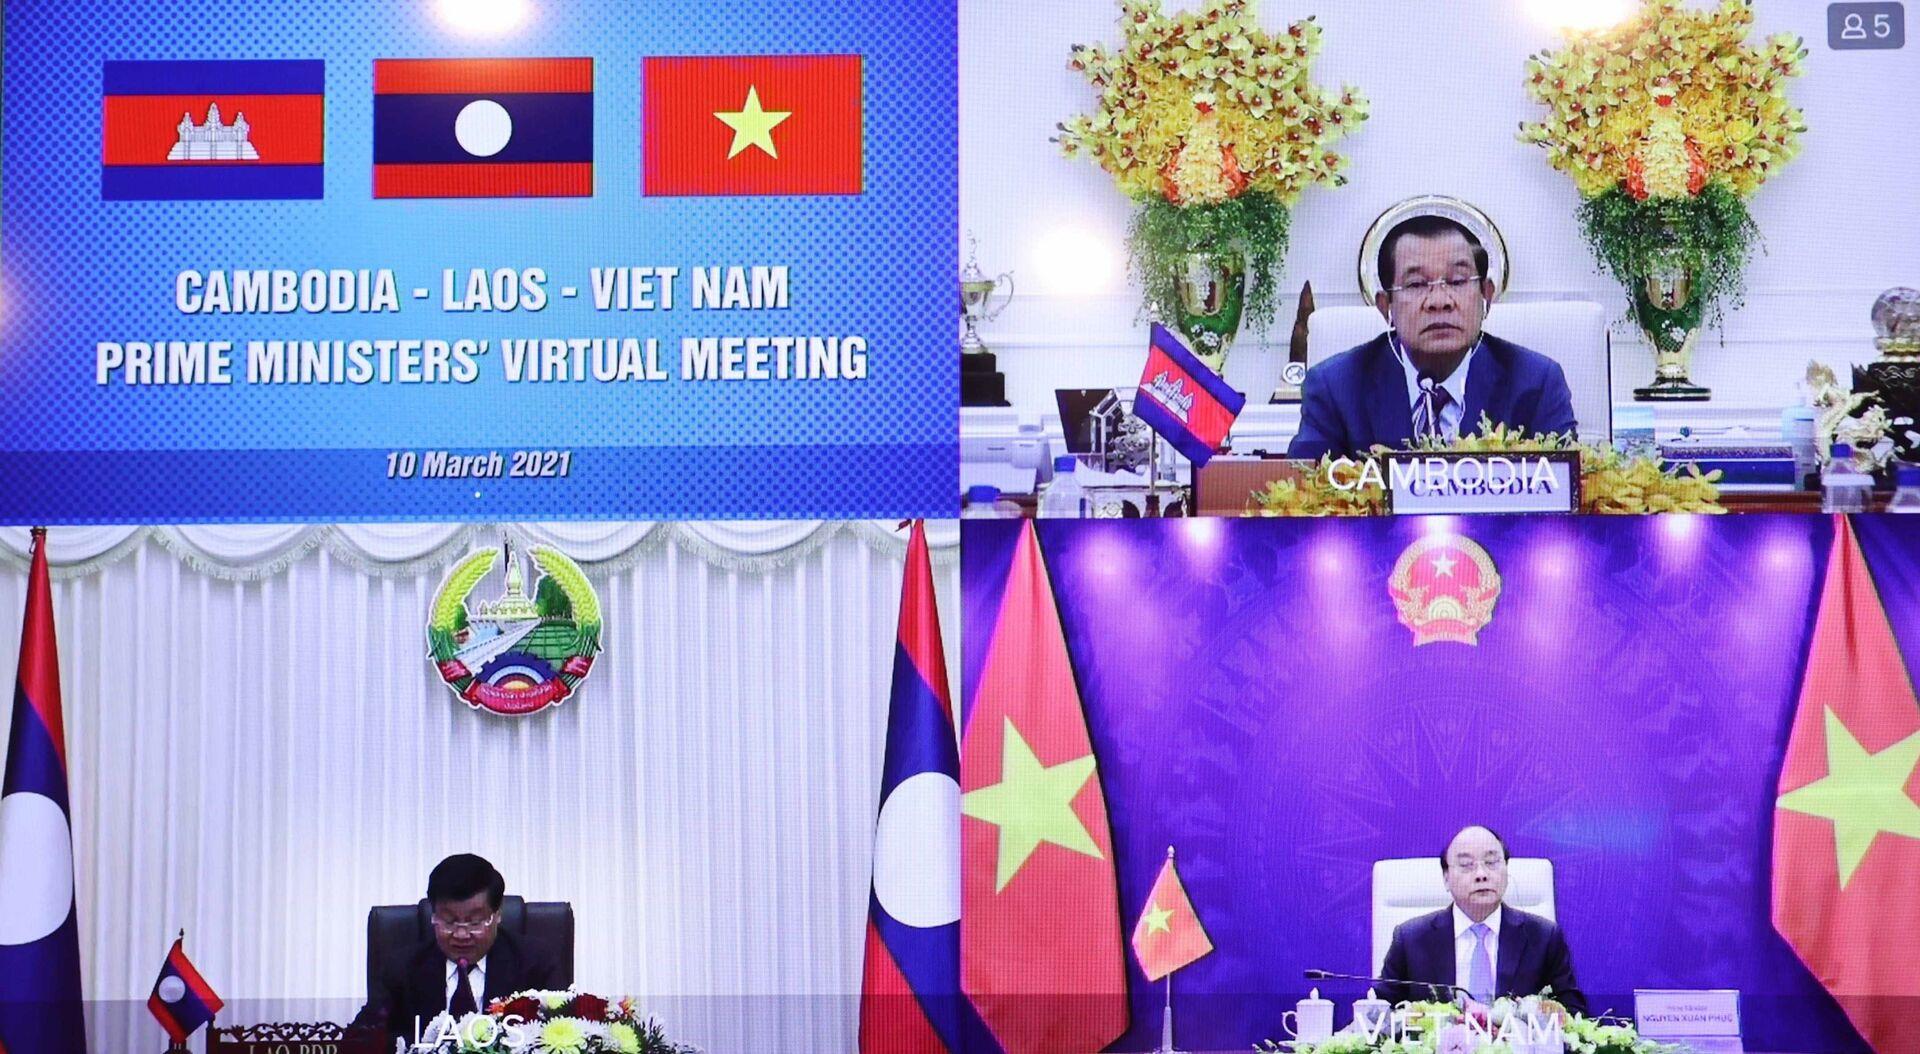 Ba nước 'anh em' Việt Nam – Lào – Campuchia bàn tình hình Myanmar và Biển Đông - Sputnik Việt Nam, 1920, 10.03.2021